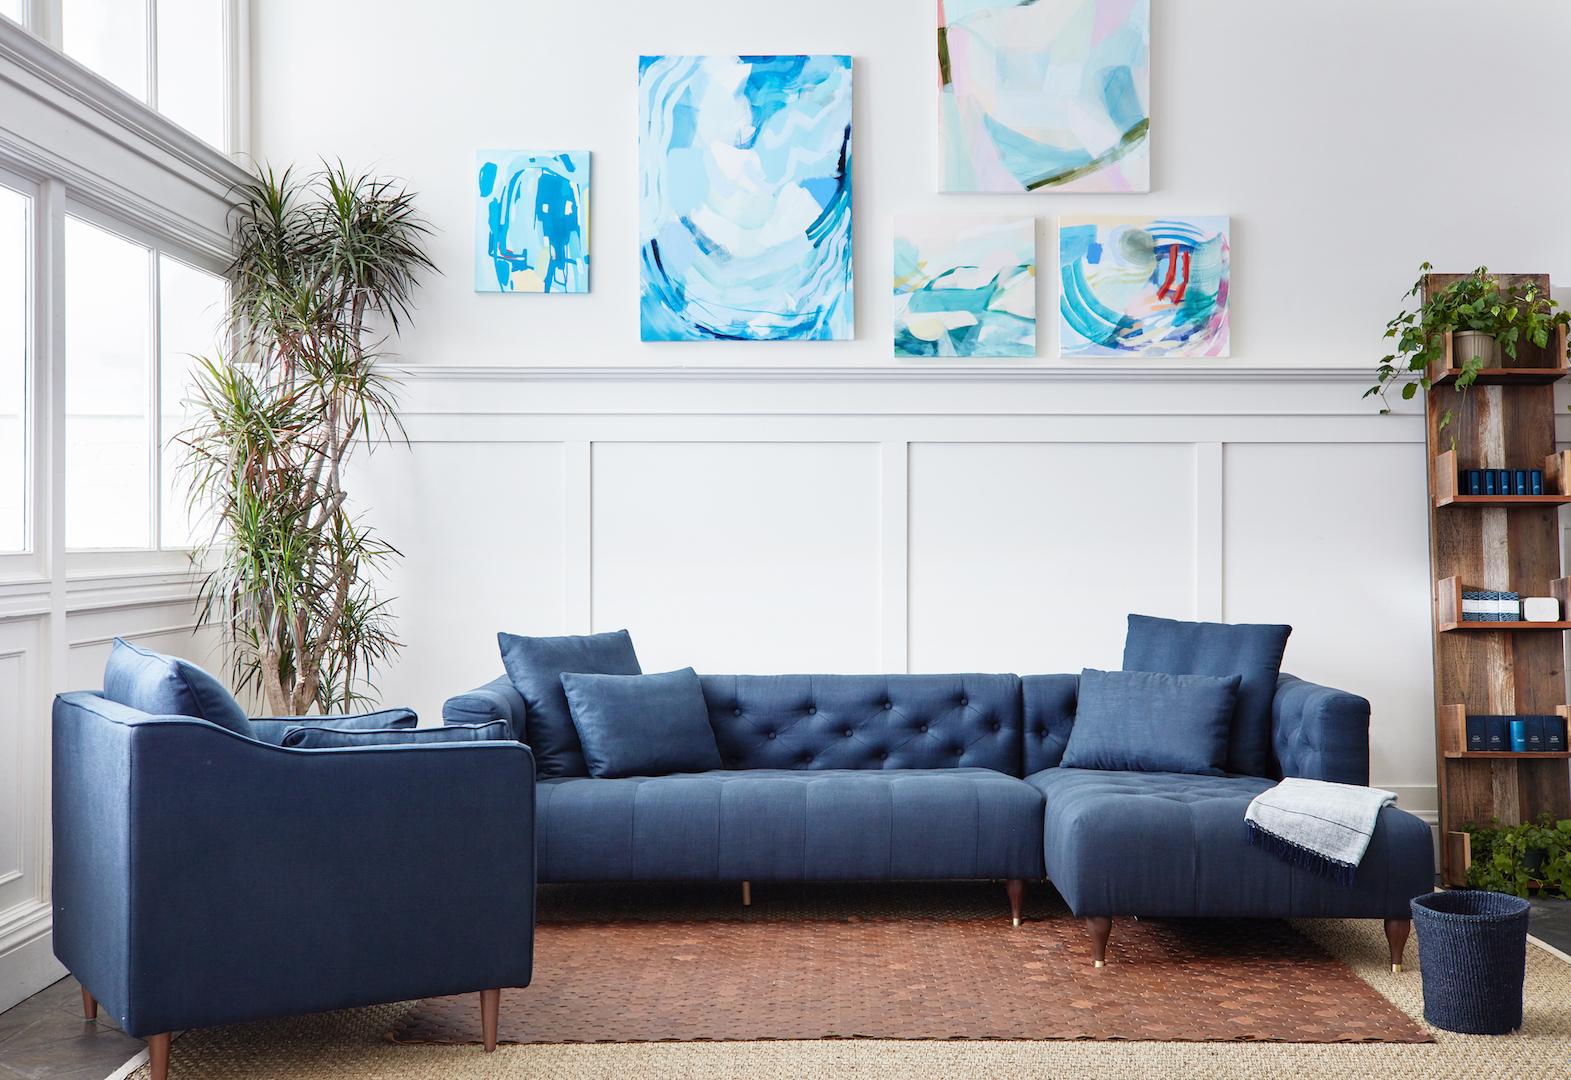 Interior Define + Uprise Art Vignette.jpg